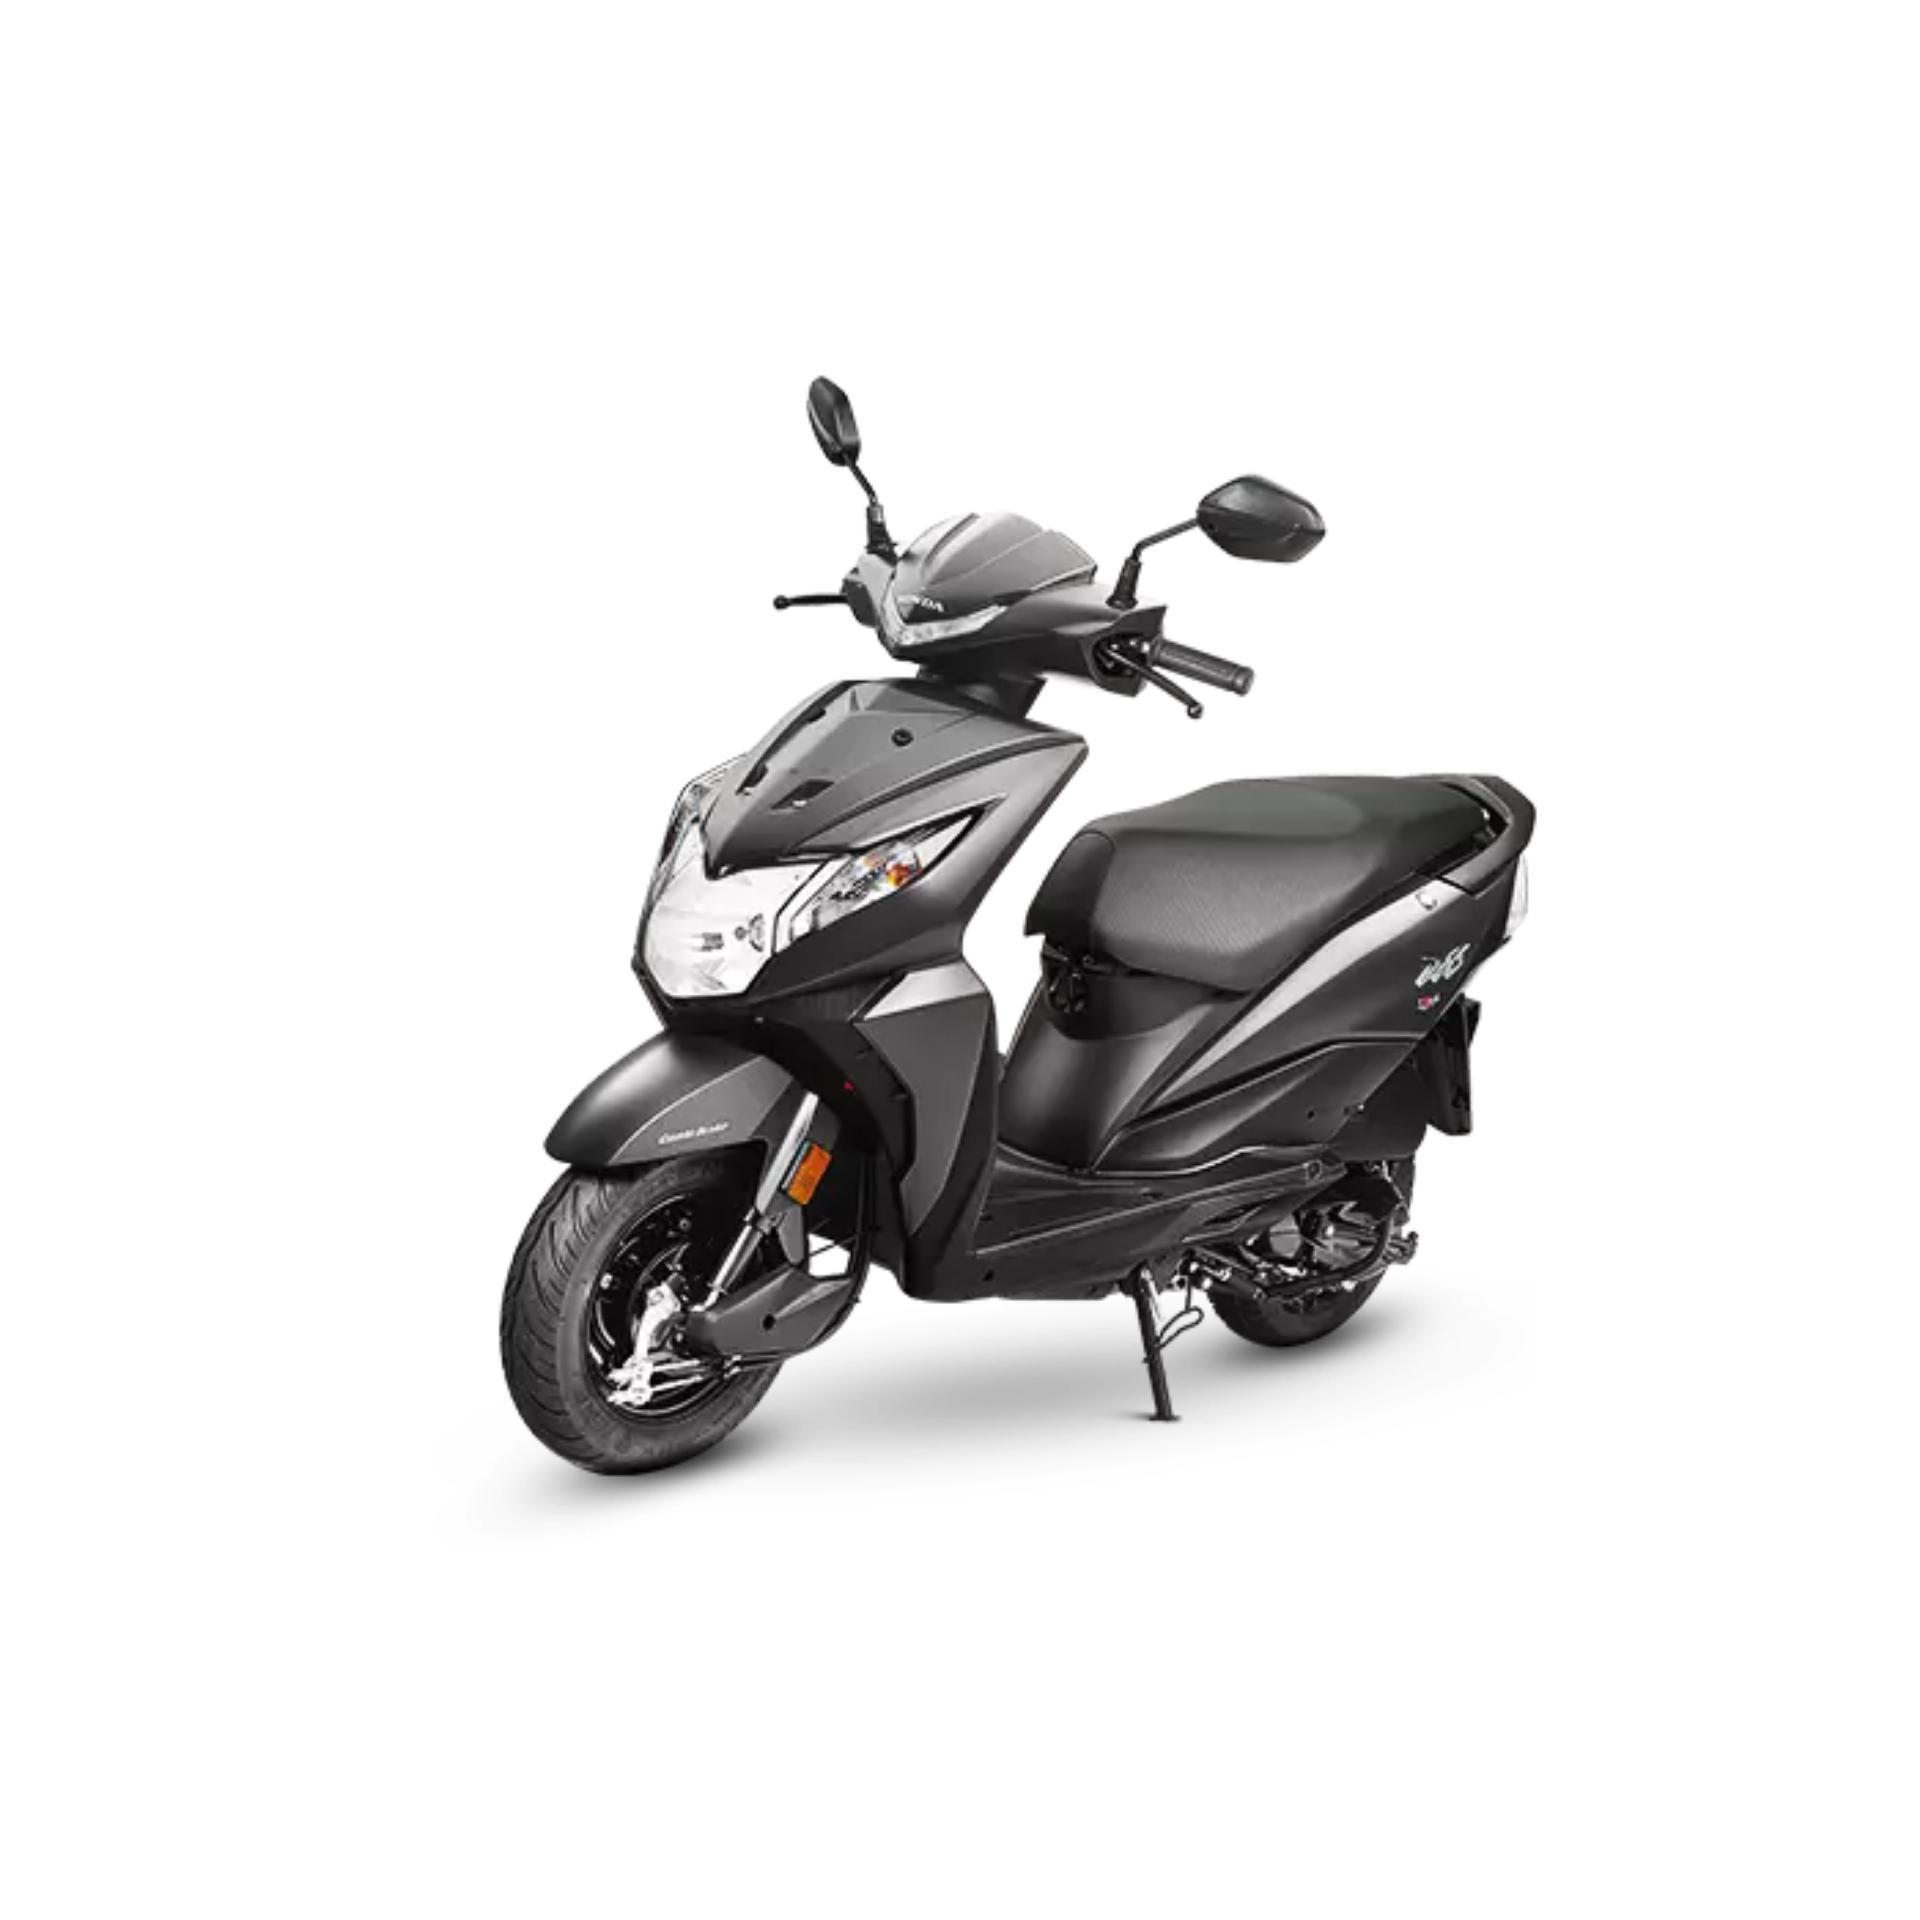 Honda hornet price in bd